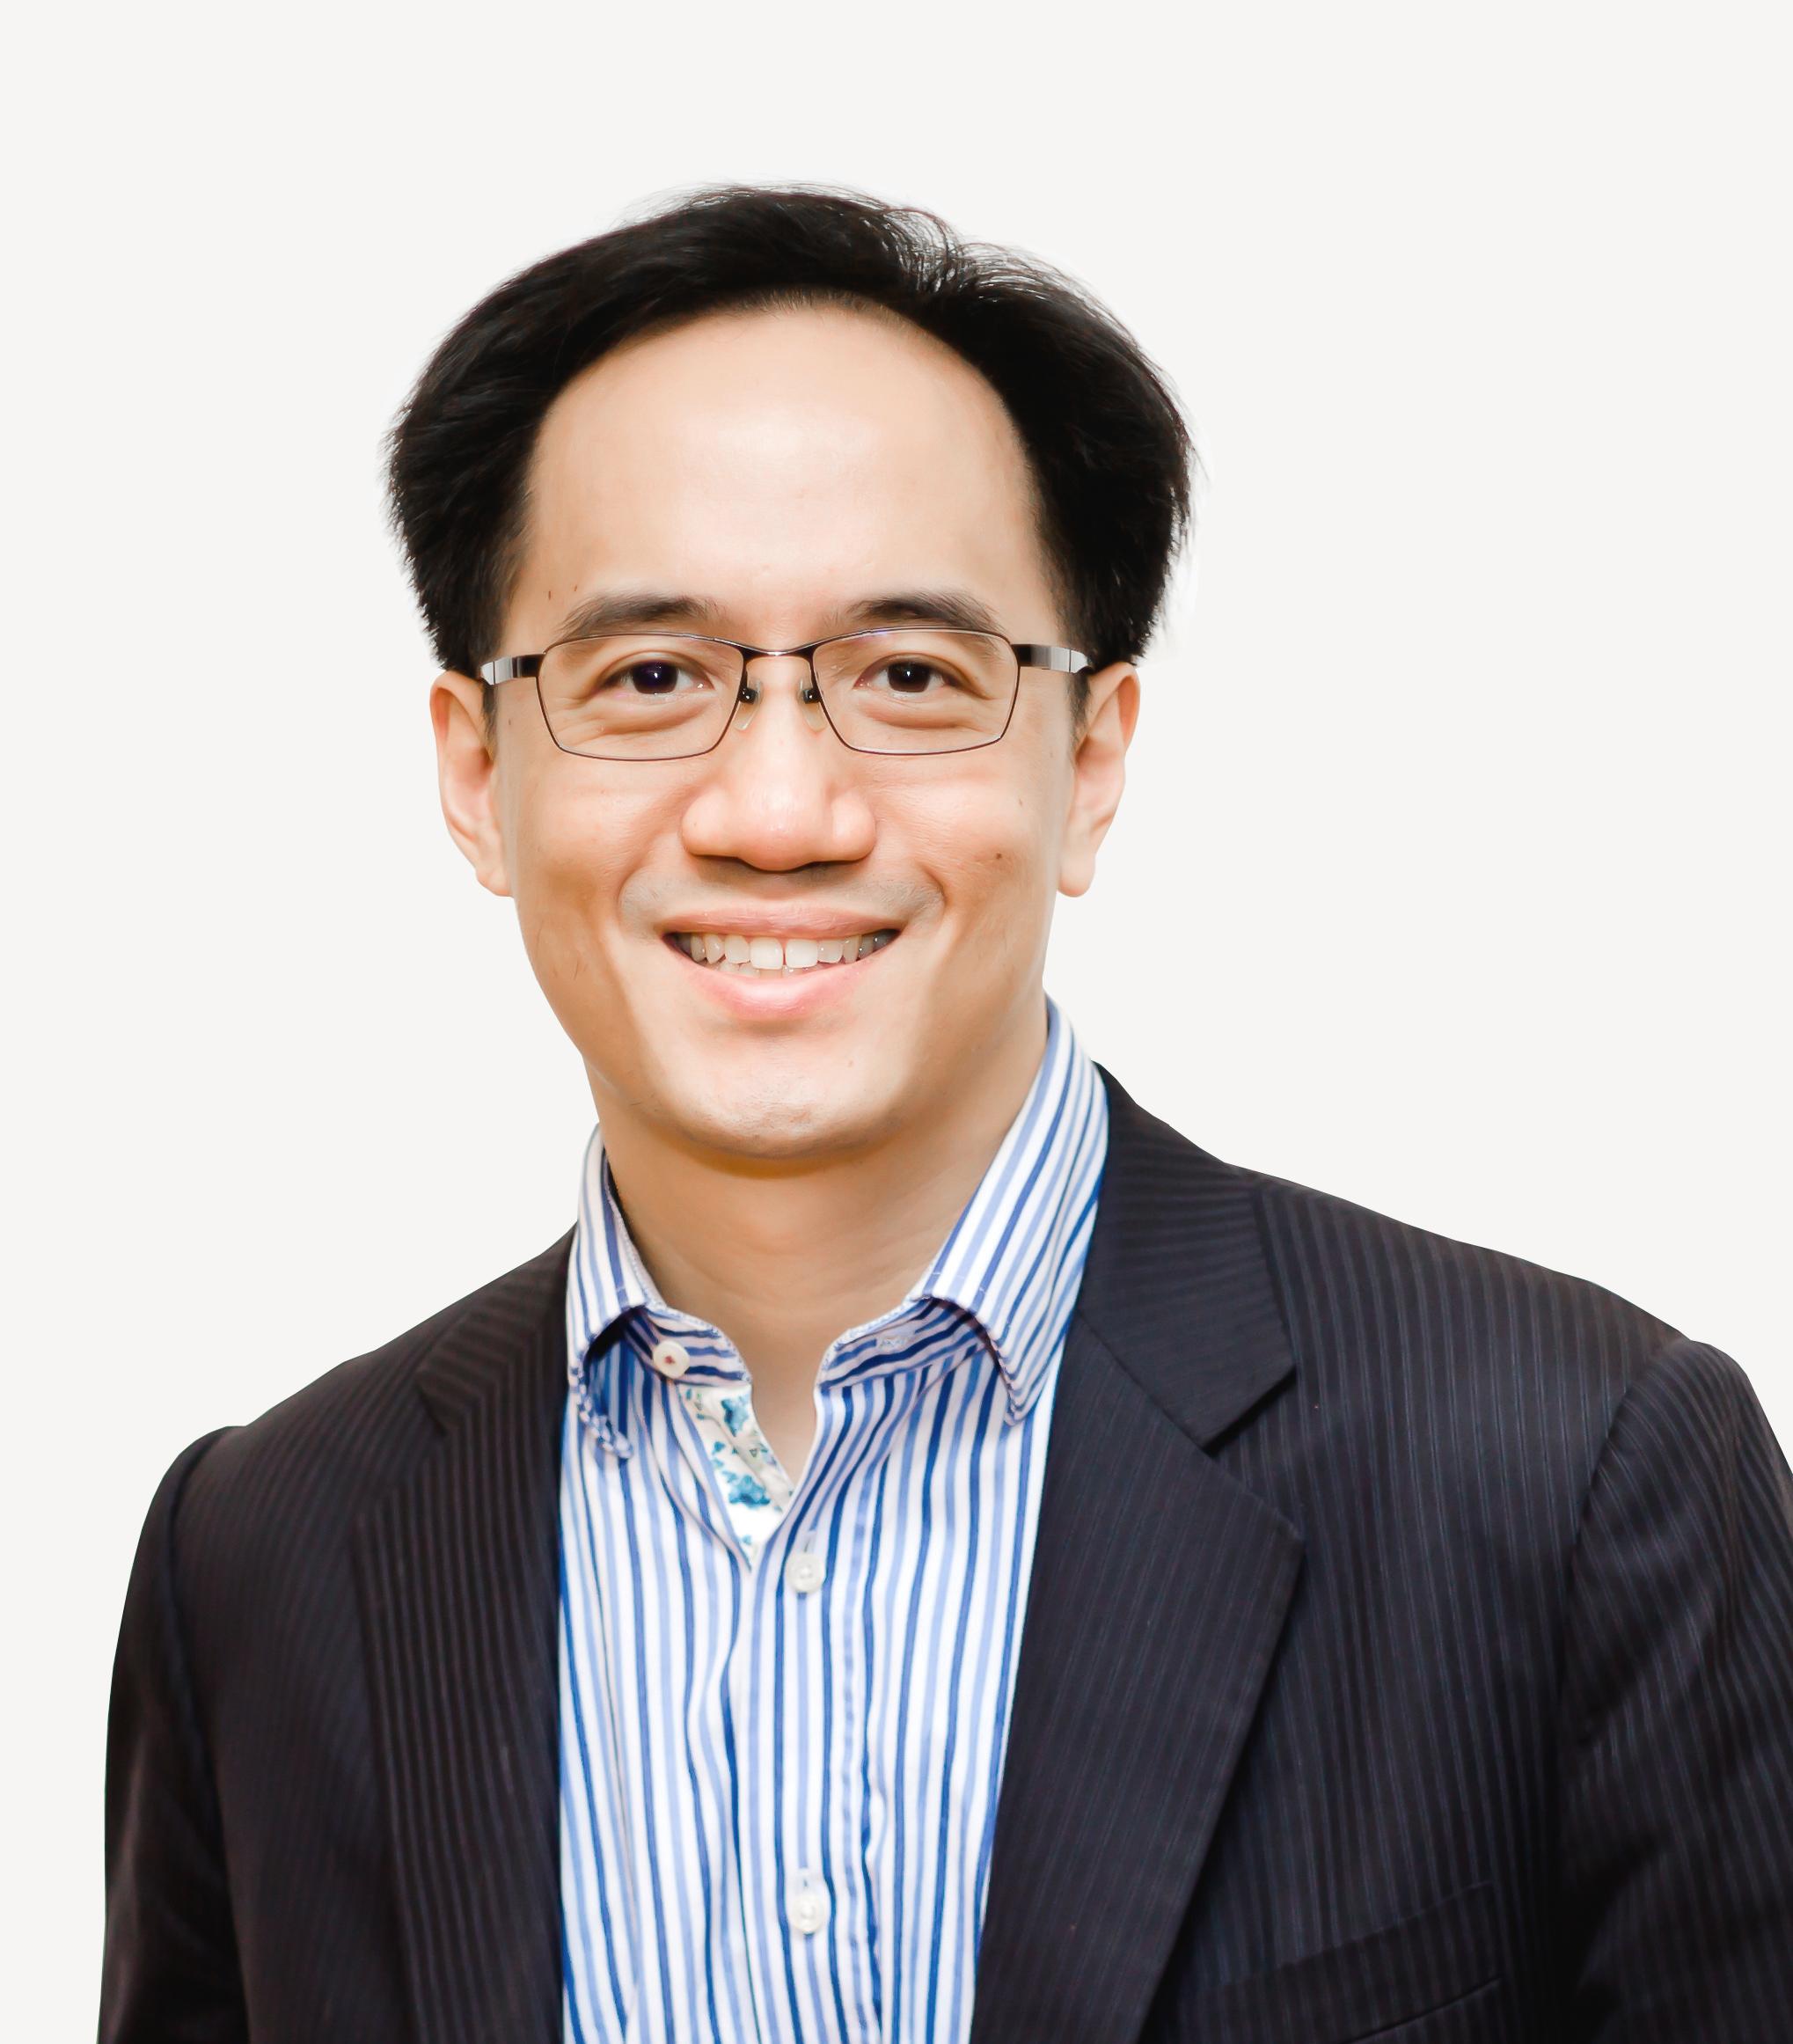 張永健 Yun-Chien Chang